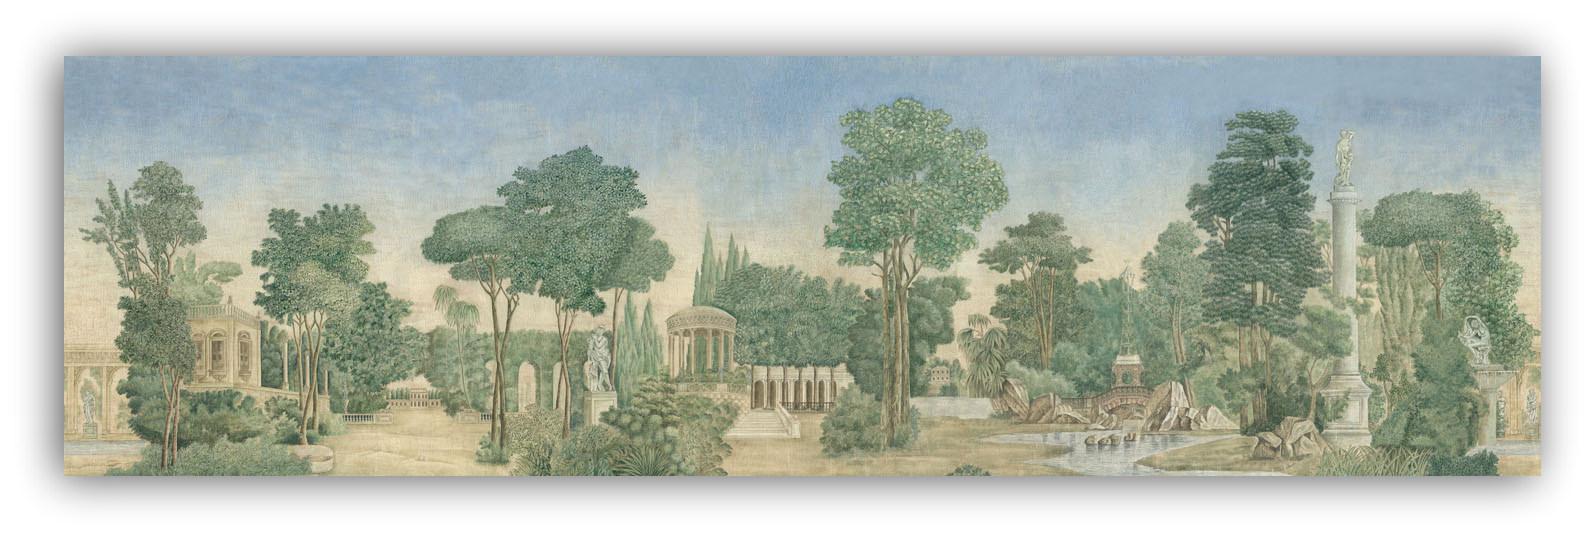 Iksel wallpaper – Bagatelle